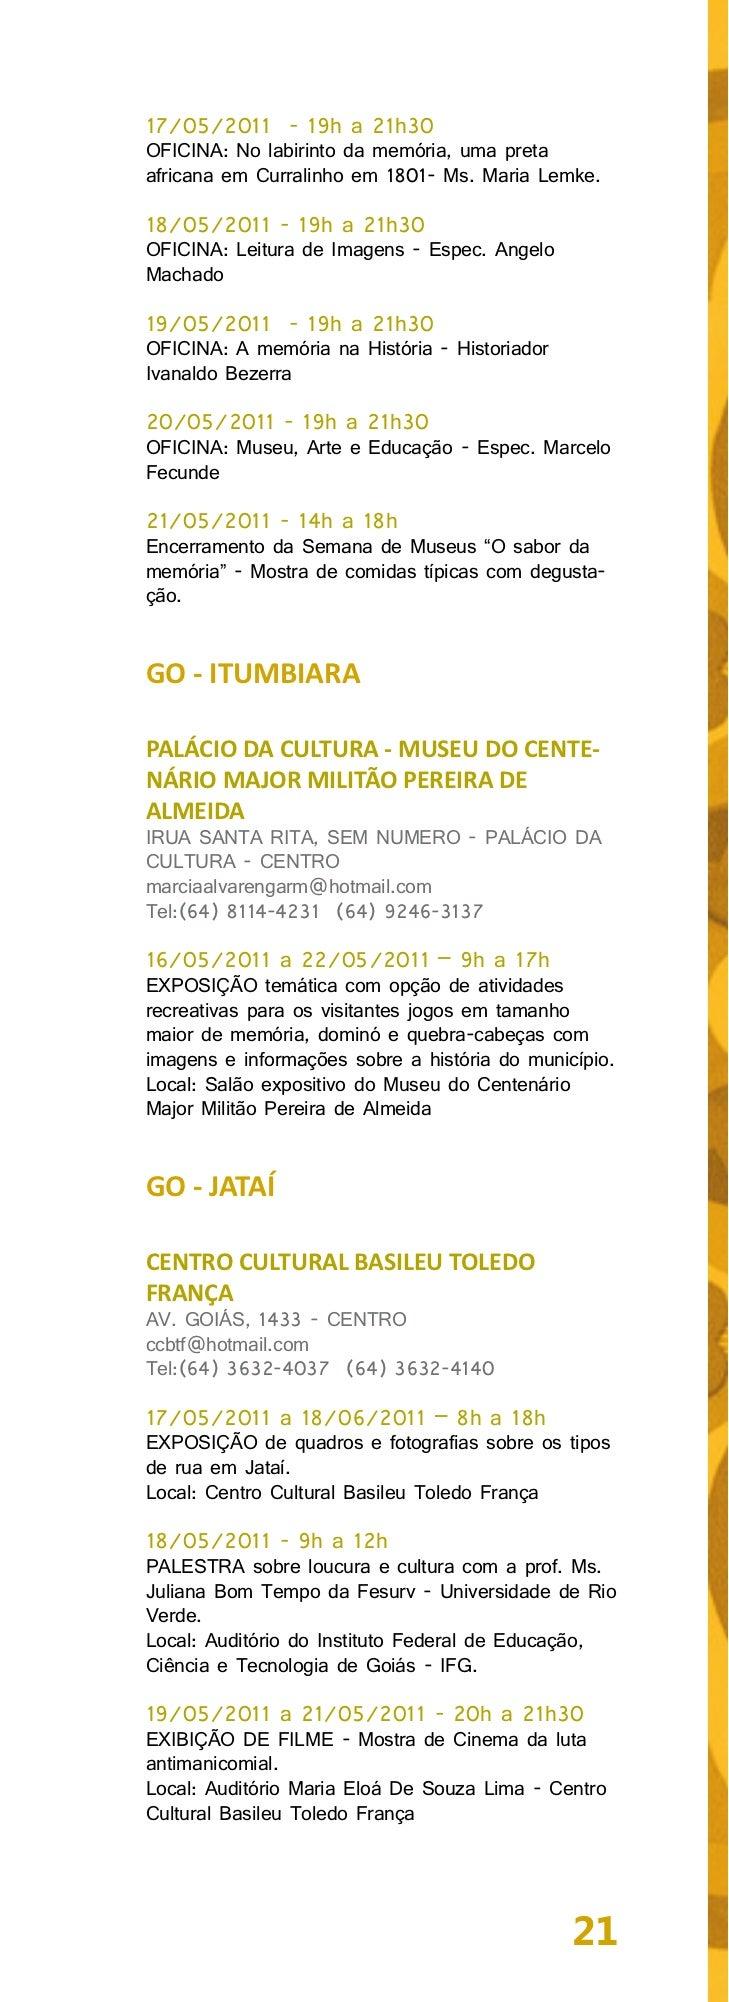 20/05/2011 - 21h30 a 22h30PALESTRA sobre a memória social dos tipos de ruaem Jataí com o antropólogo Manoel Napoleão Alves...